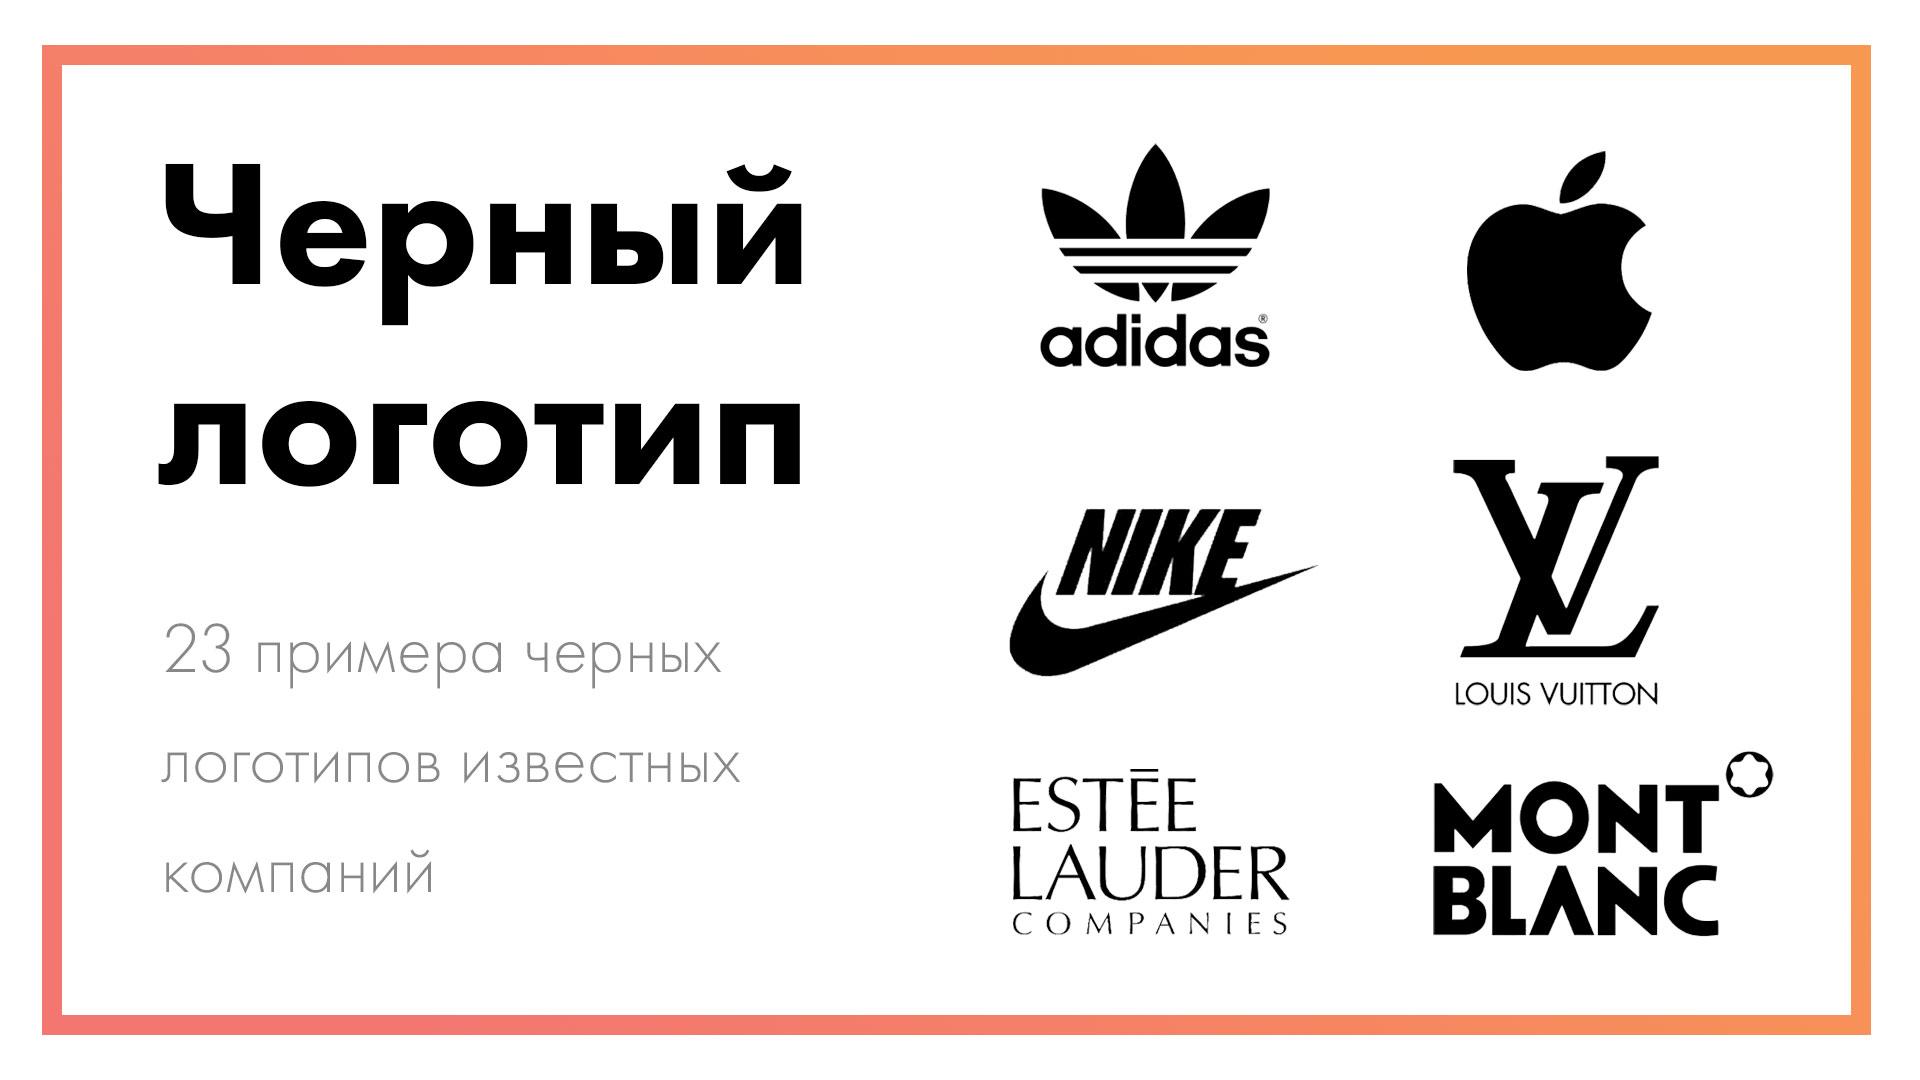 Черный-логотип.jpg